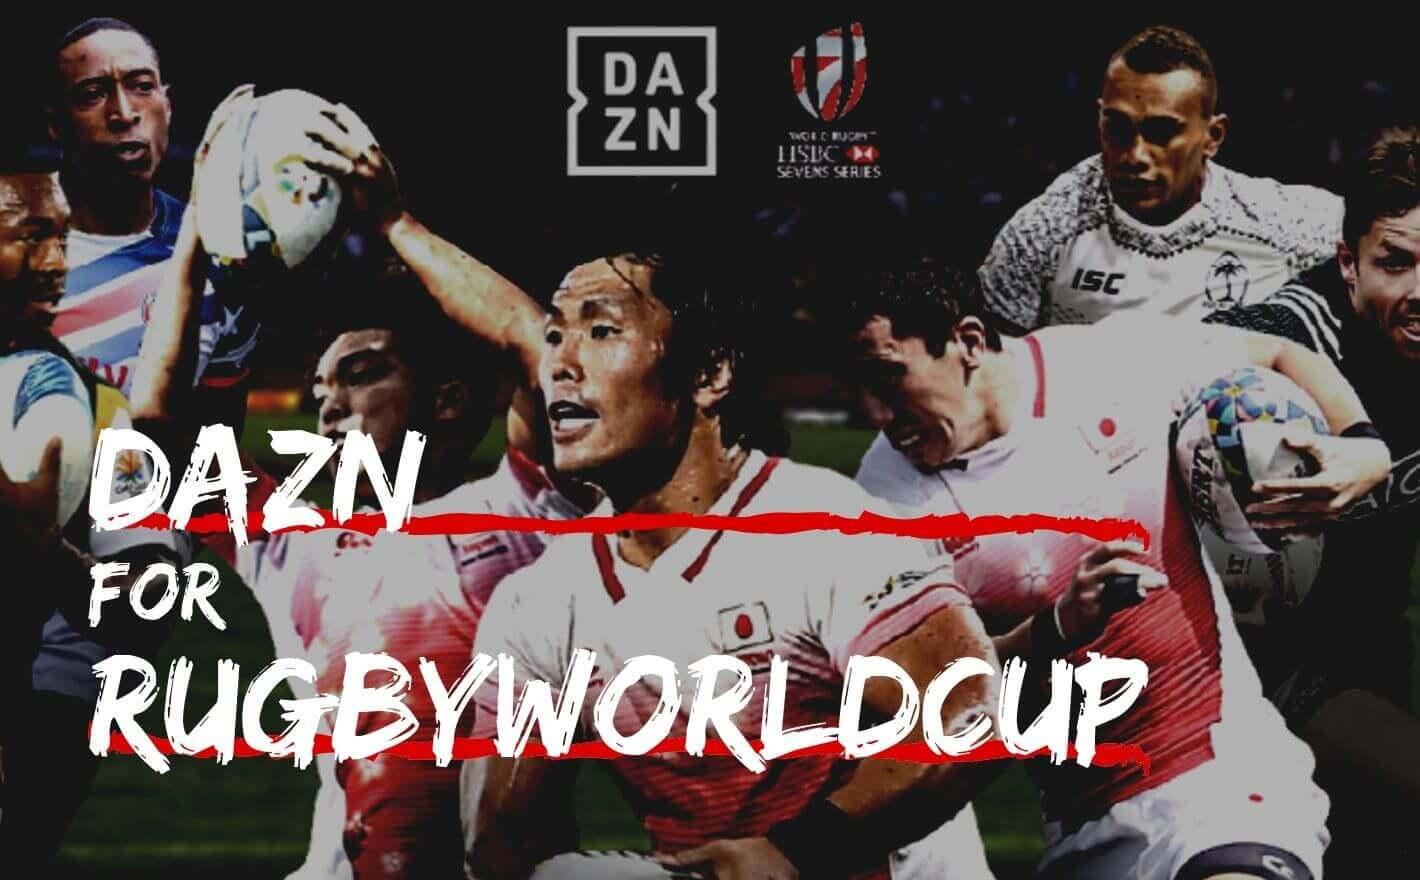 DAZNでラグビーワールドカップ!